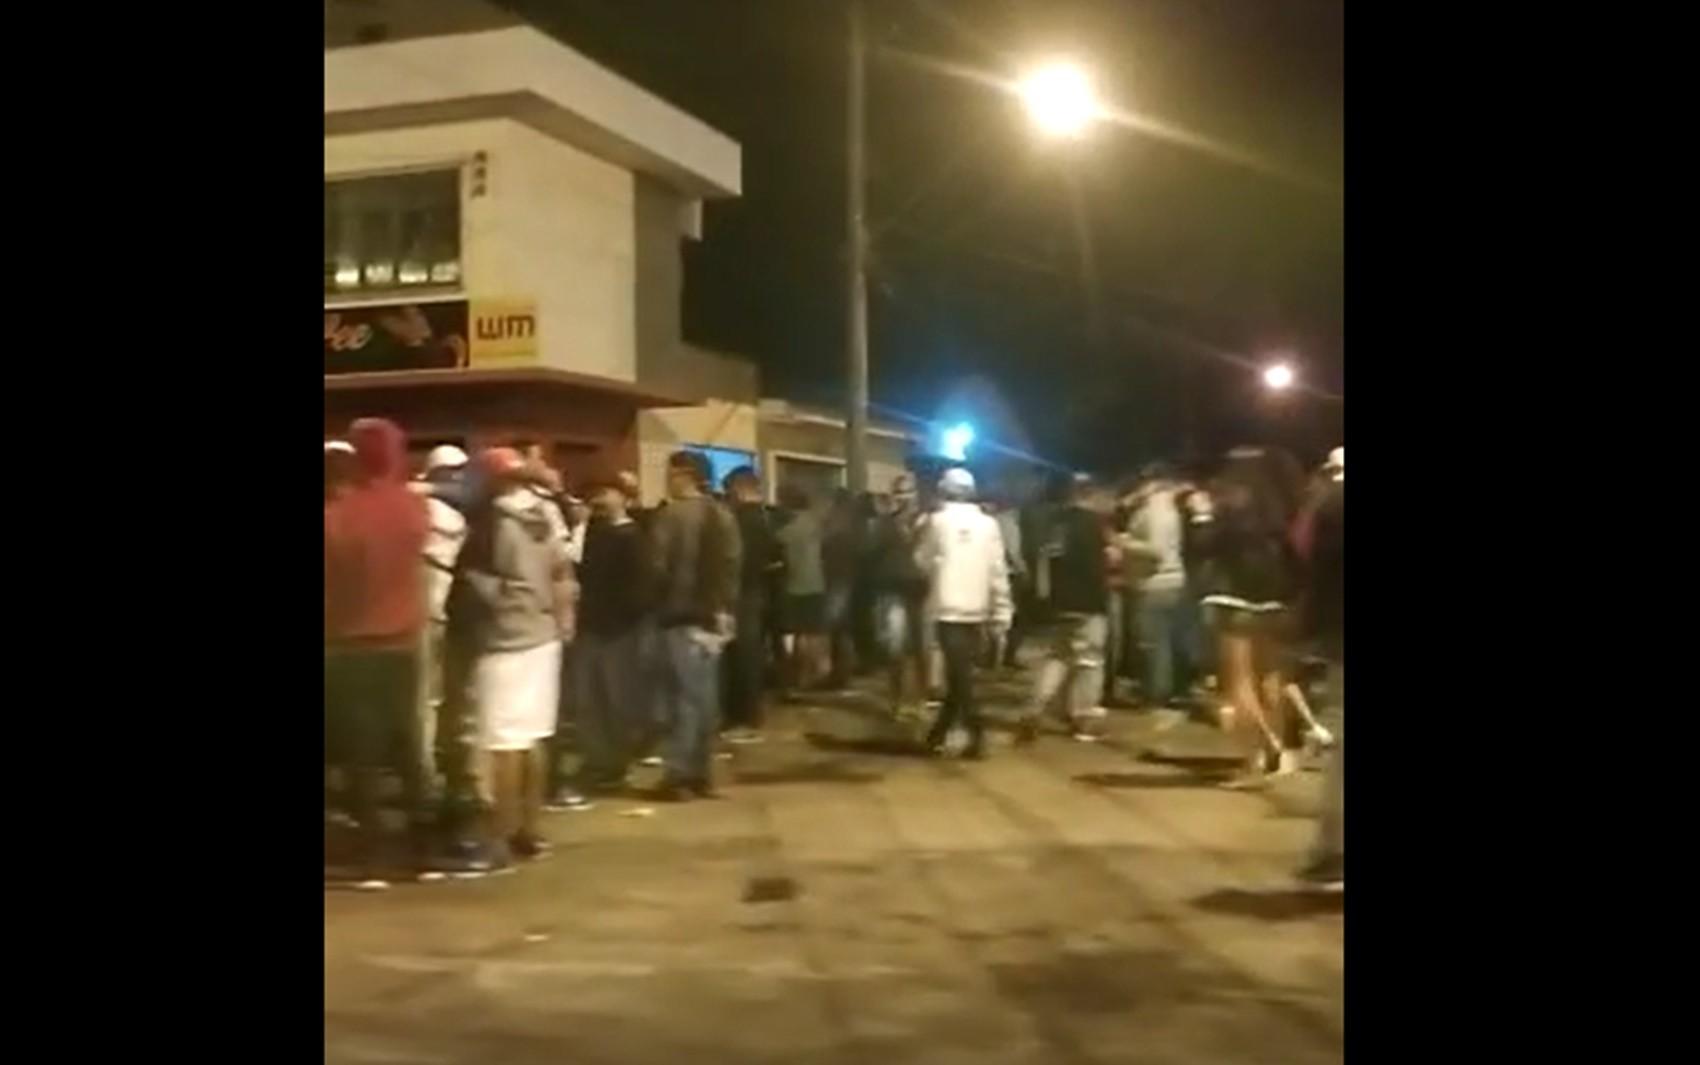 Aglomeração é flagrada perto de conveniência e três pessoas são detidas em Alfenas, MG